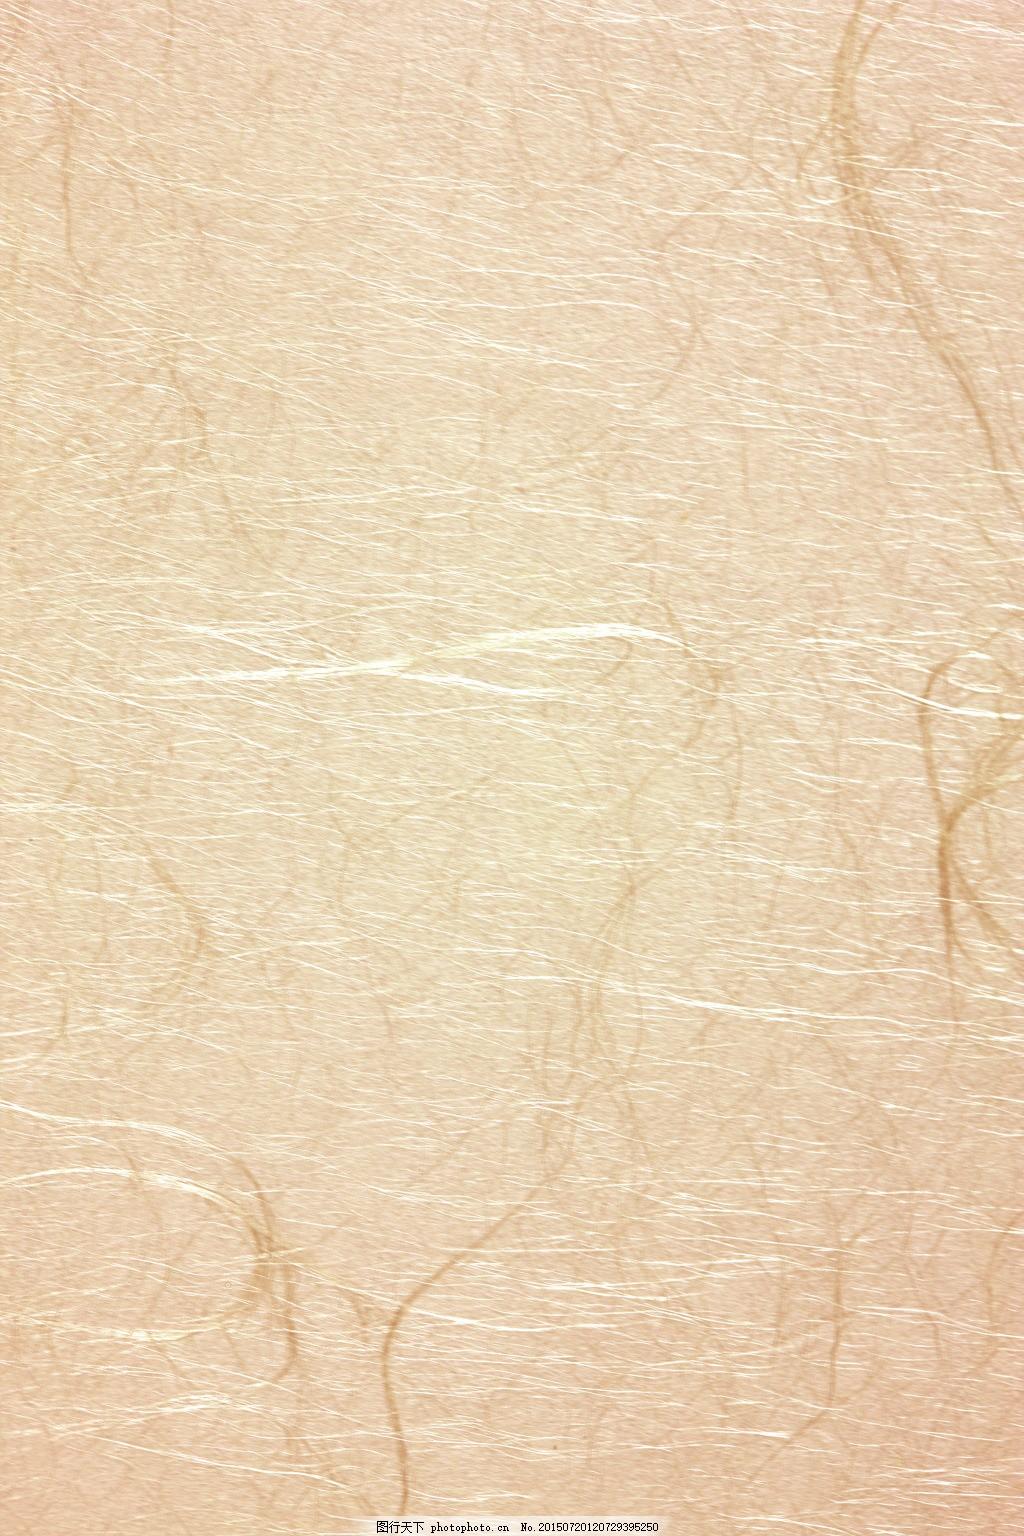 纸张纹理背景 纸张背景 墙纸 花纹墙纸 欧式花纹 羊皮纸 牛皮纸